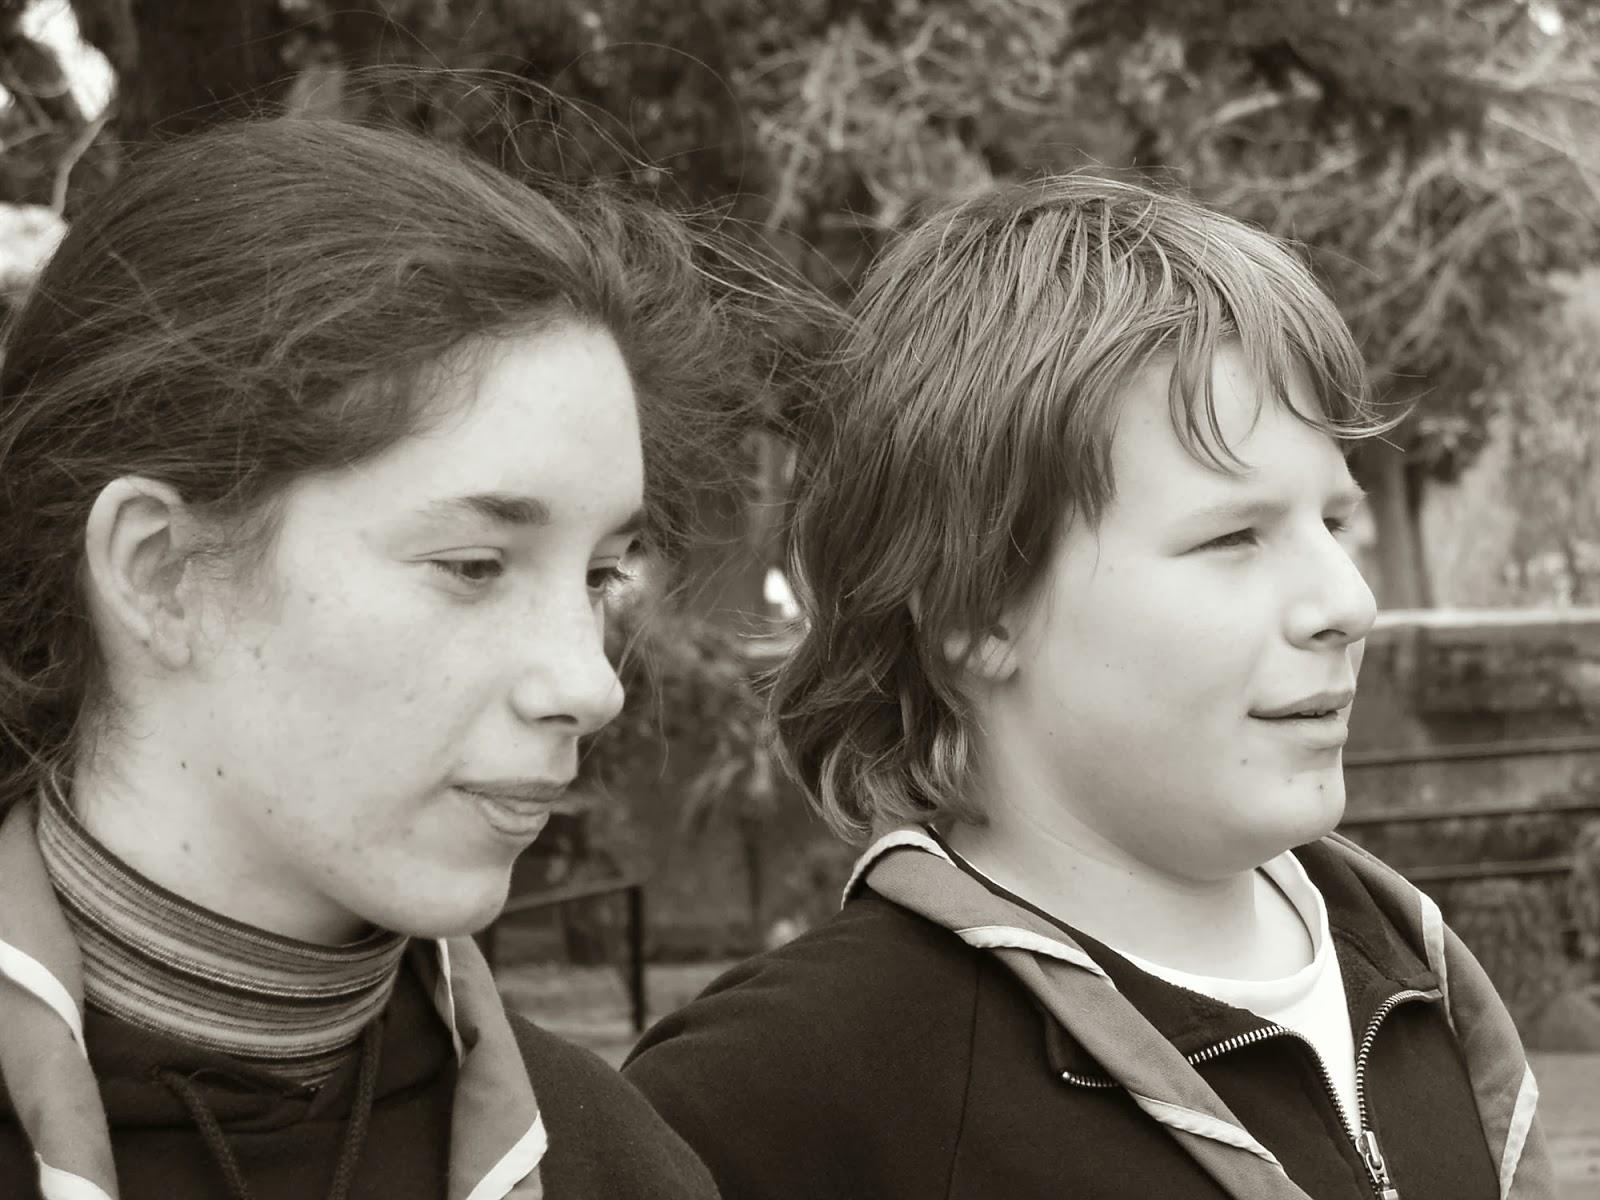 Motivacijski vikend, Strunjan 2005 - KIF_2032.JPG